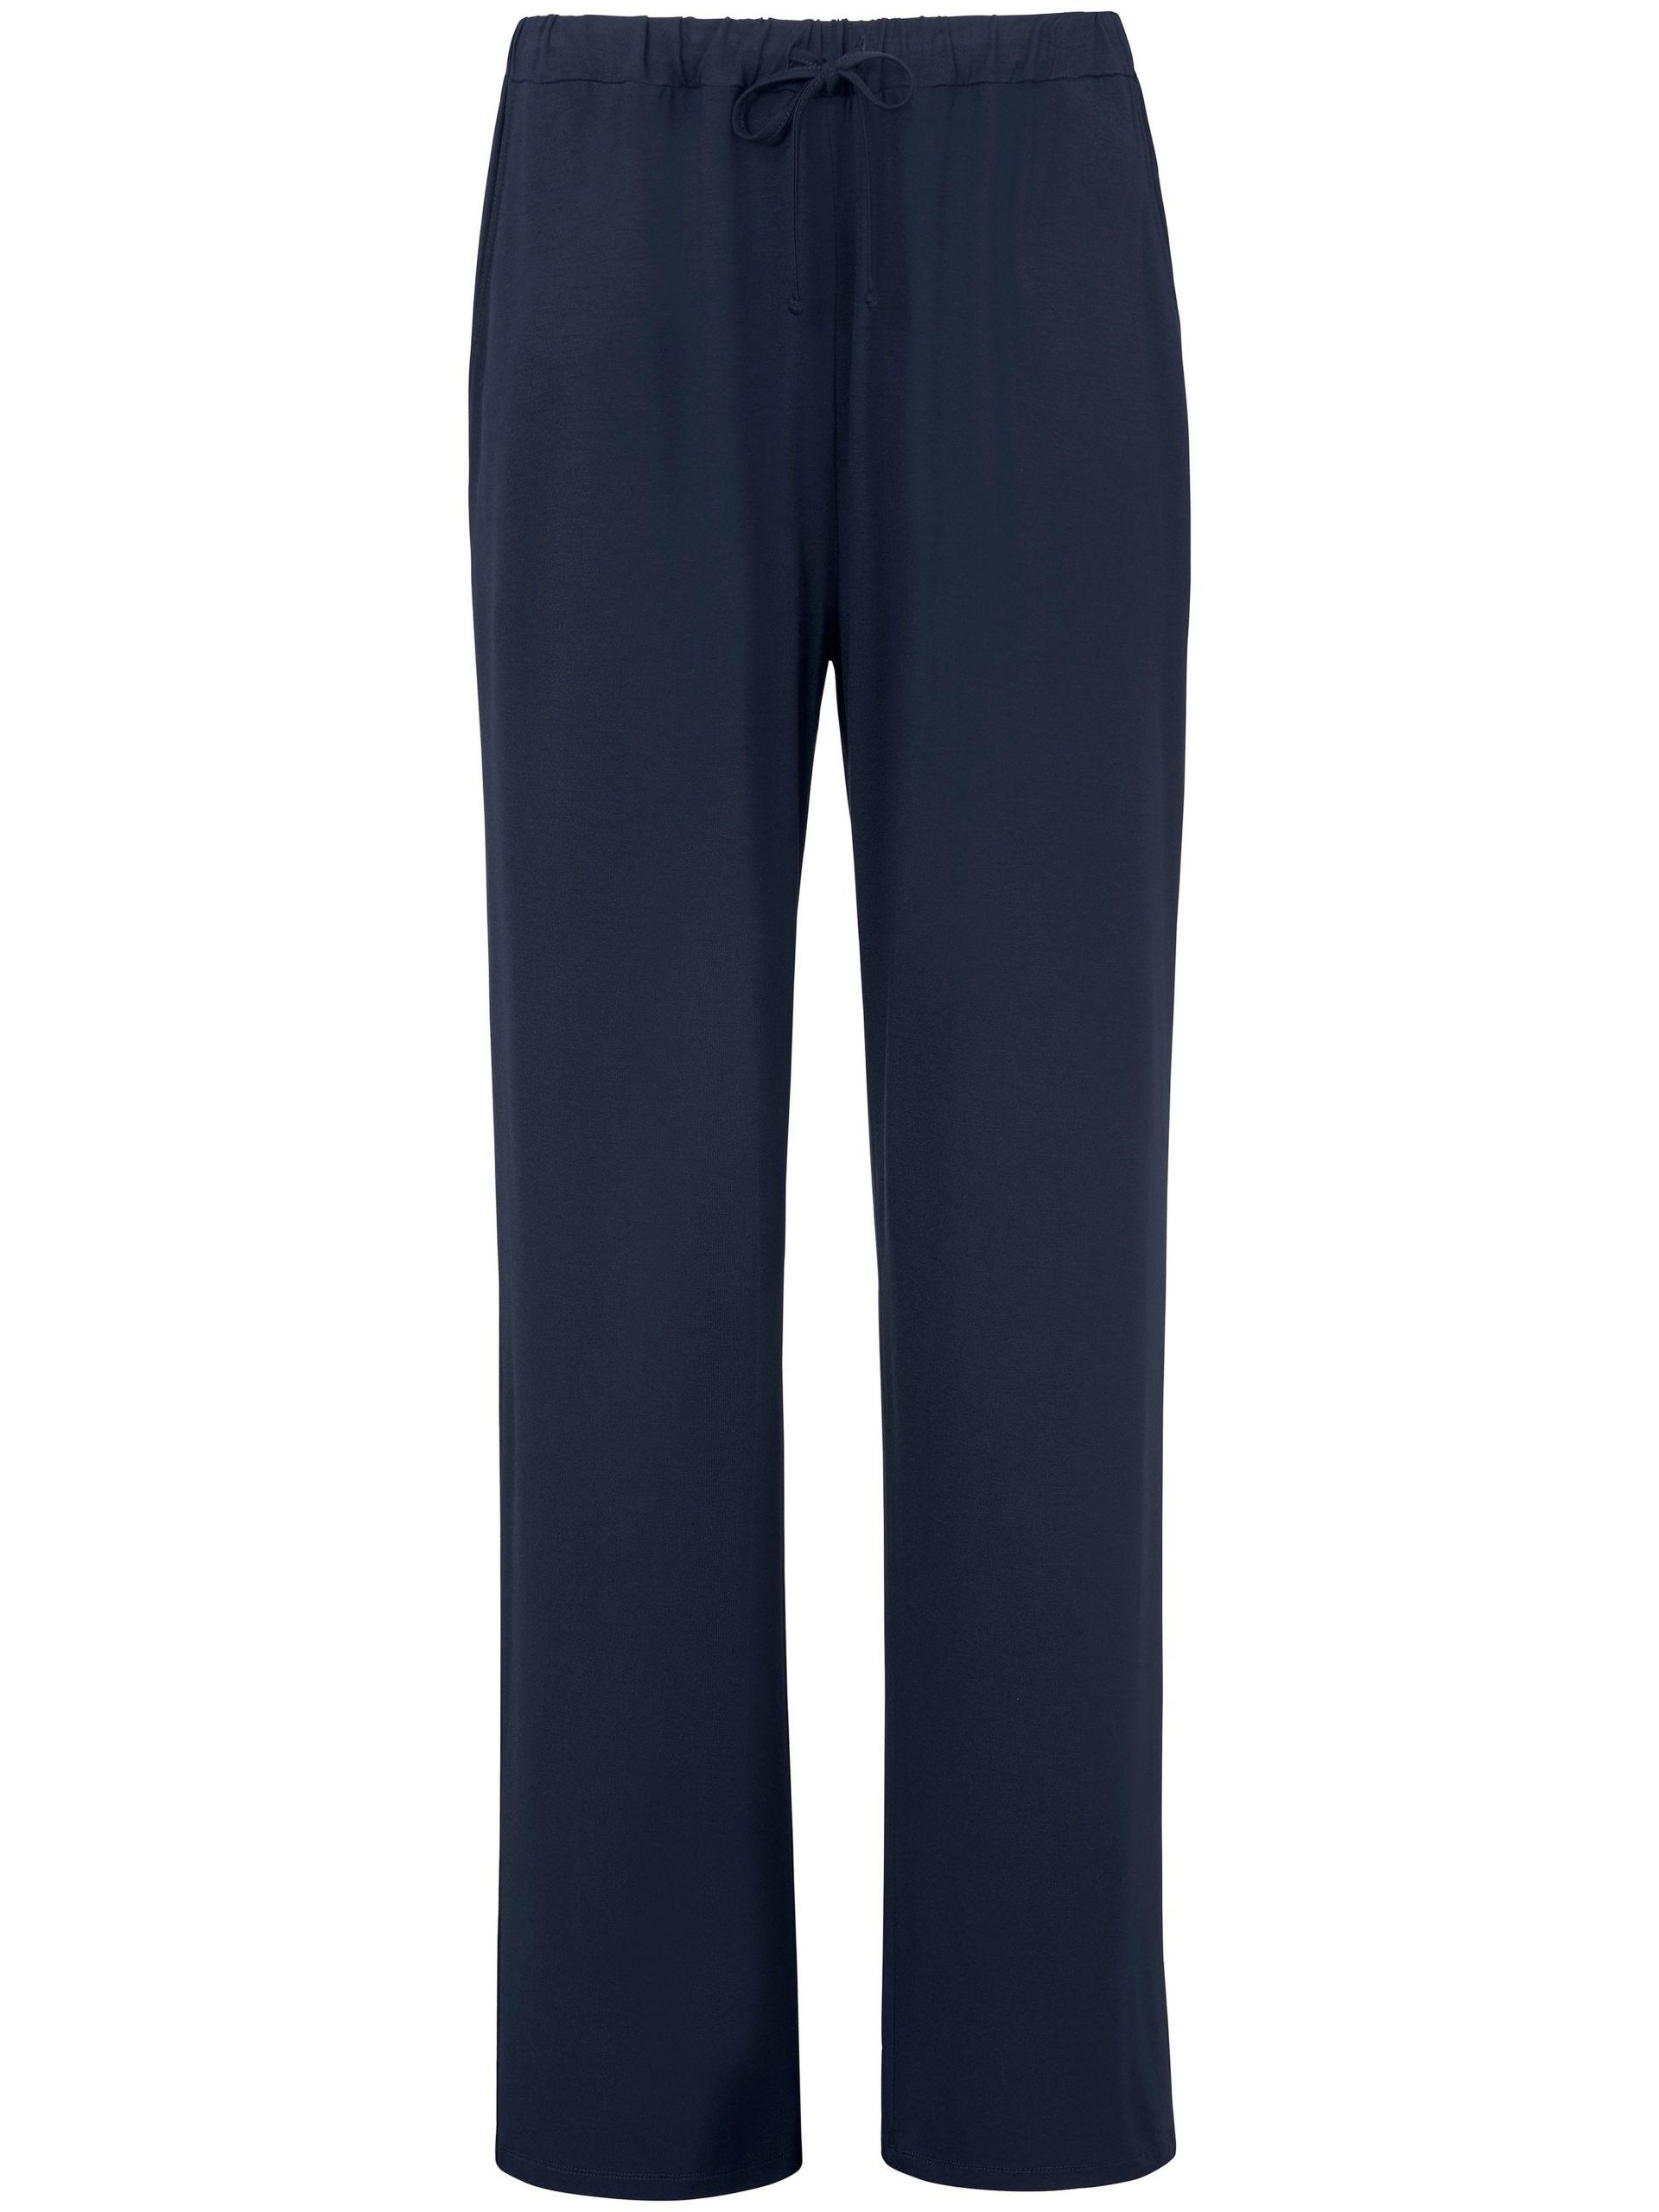 Lange broek Van Peter Hahn blauw Kopen